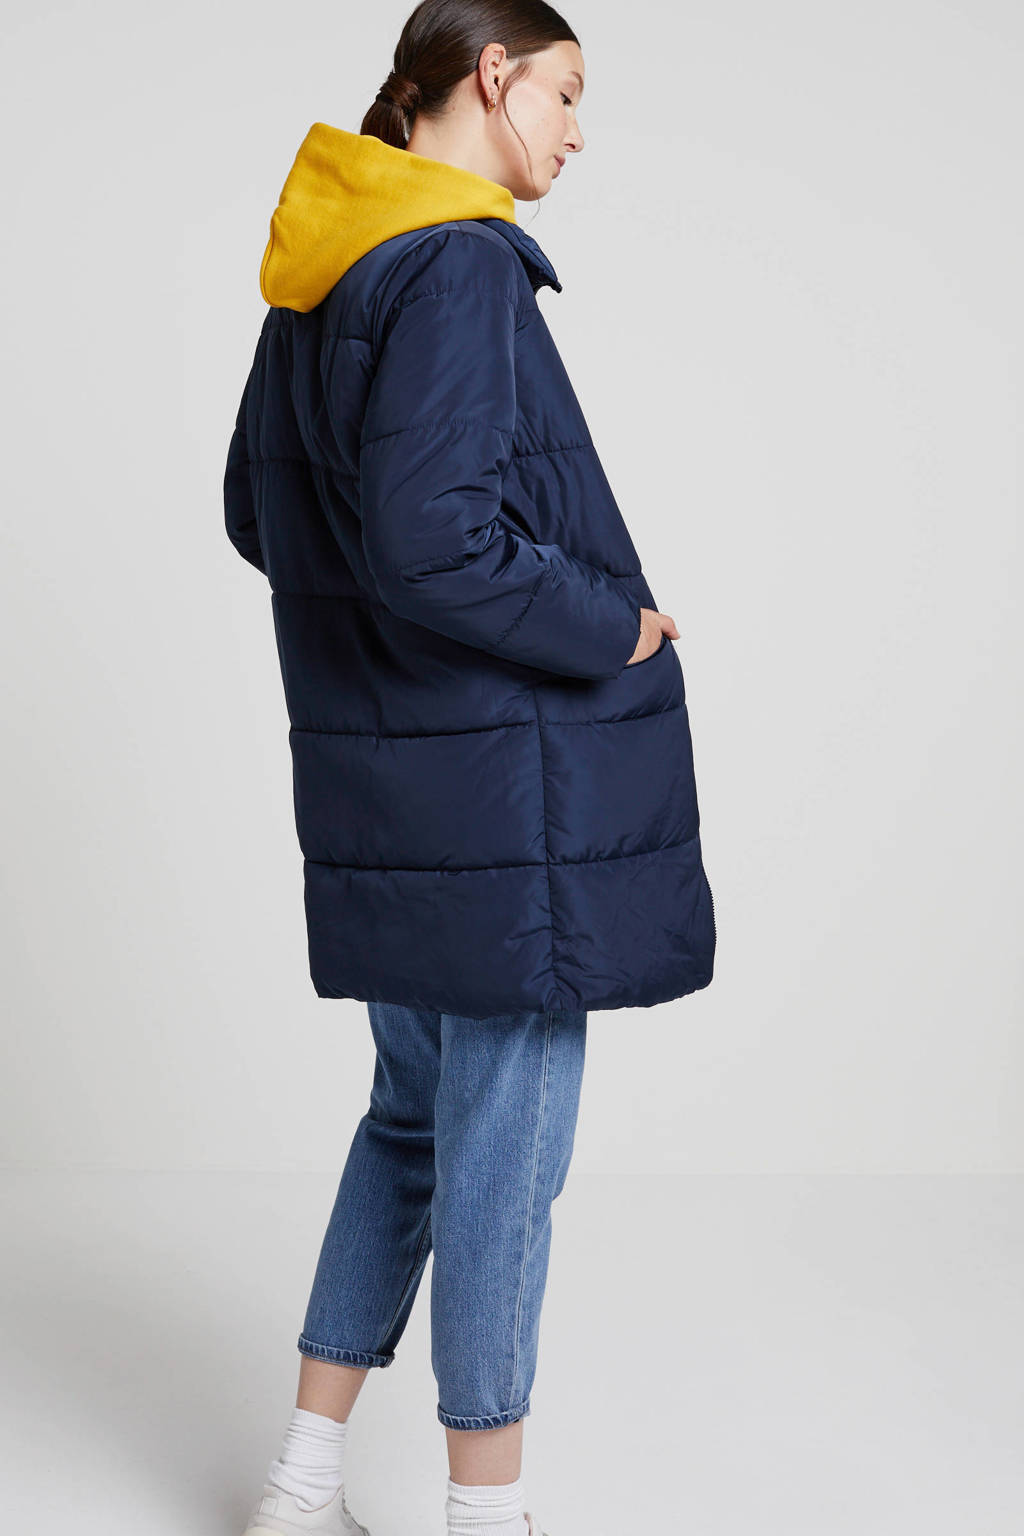 FREEQUENT gewatteerde winterjas blauw, Blauw